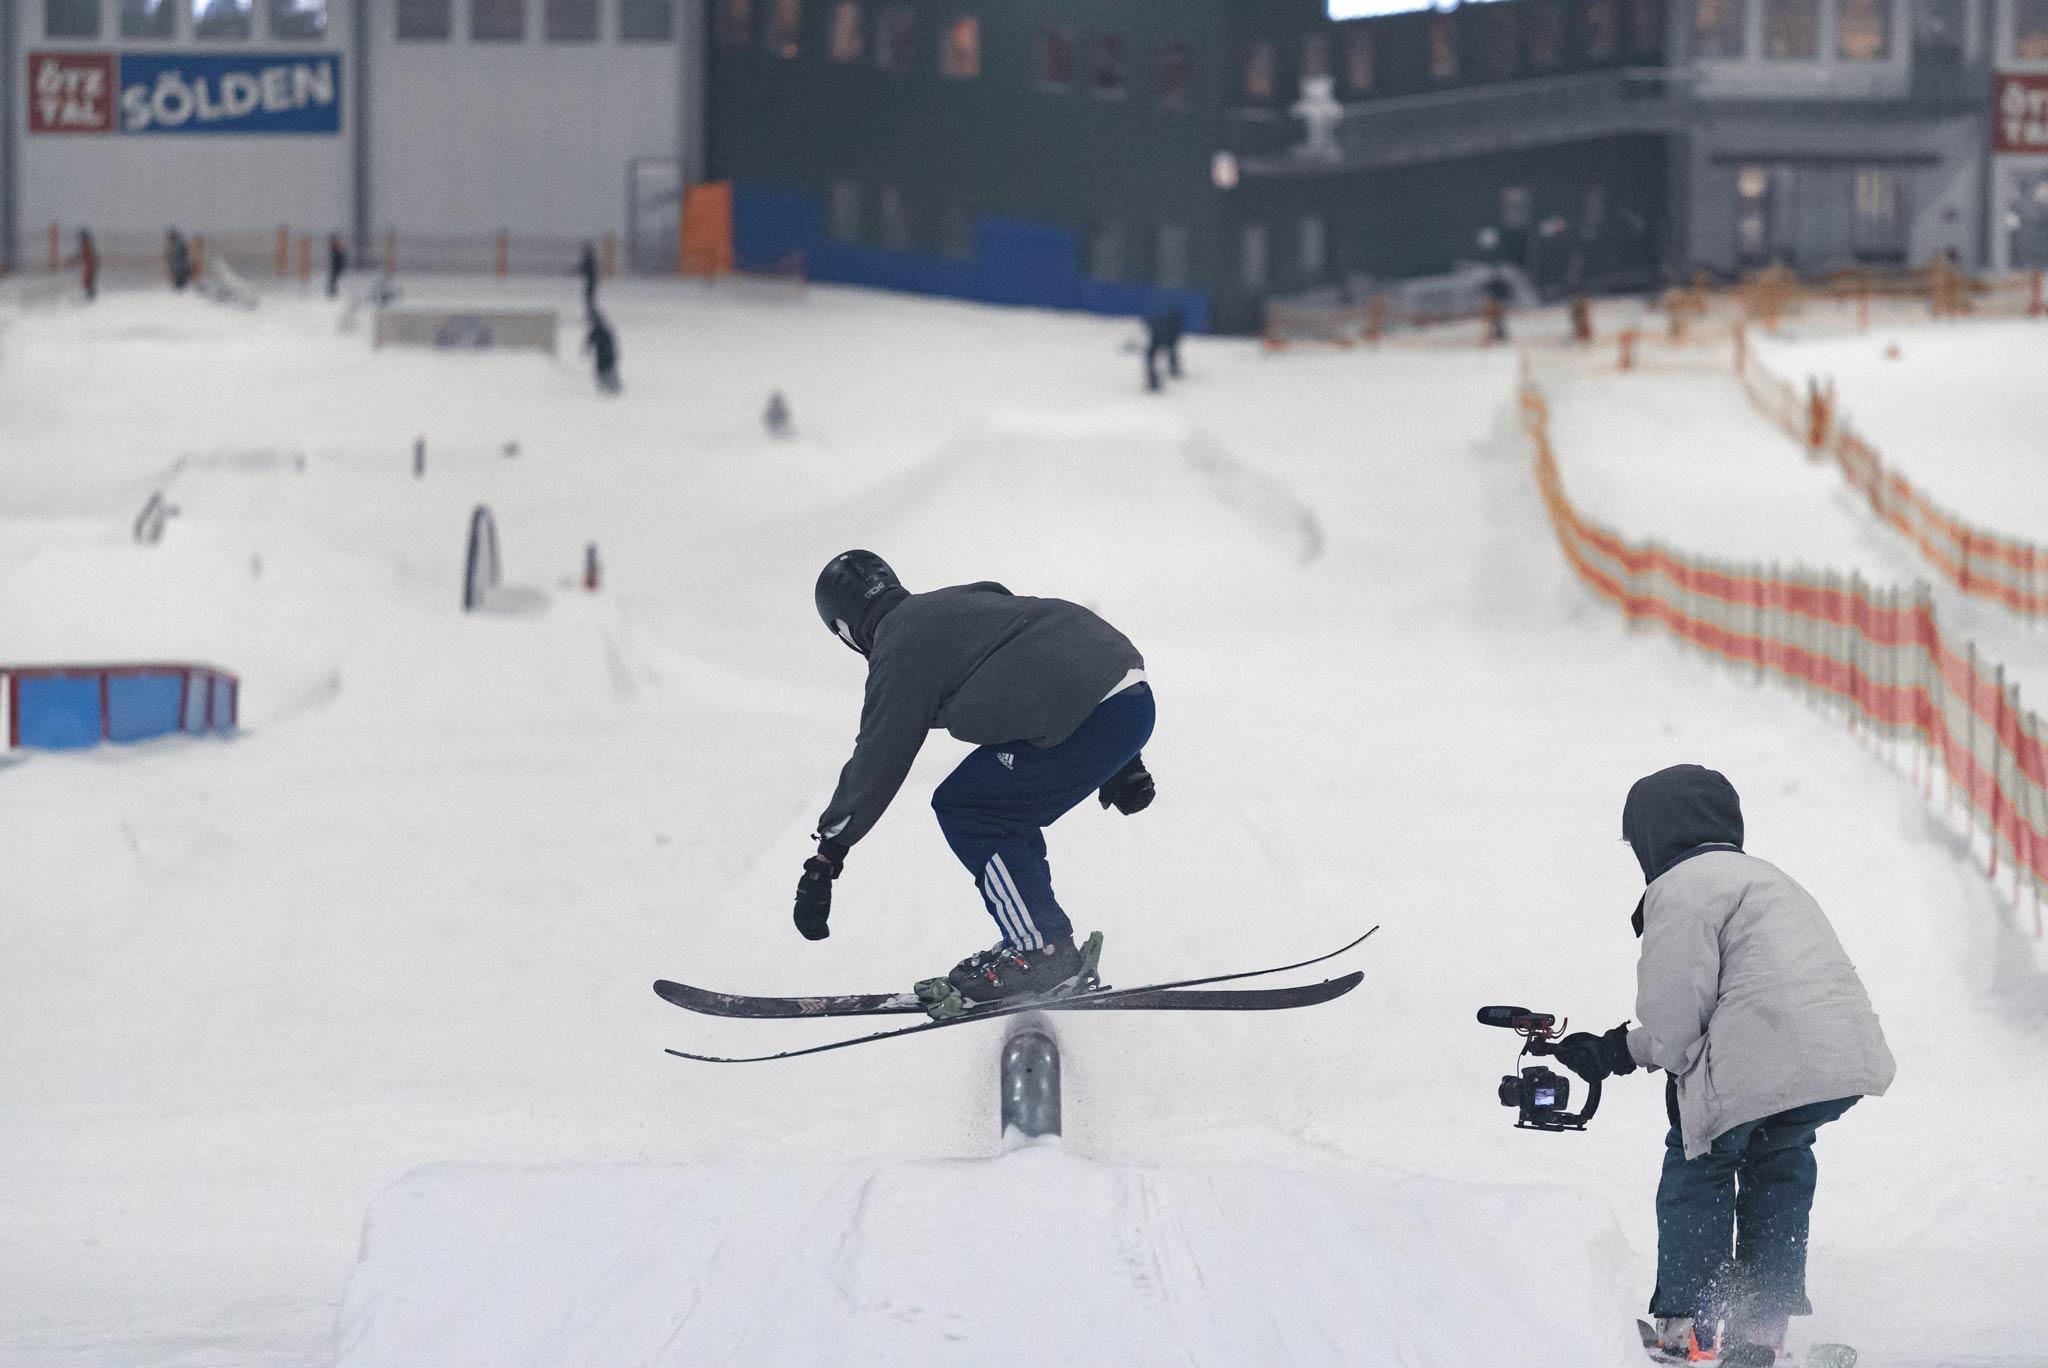 Von Anfang August bis Ende September lief ein Videocontest. Die beste Line von oben bis unten wurde mit einem 200€ Blue-Tomato Gutschein belohnt. Das 3 Monatsticket für den nächsten Sommer ging an den besten Run eines Snowboarders.